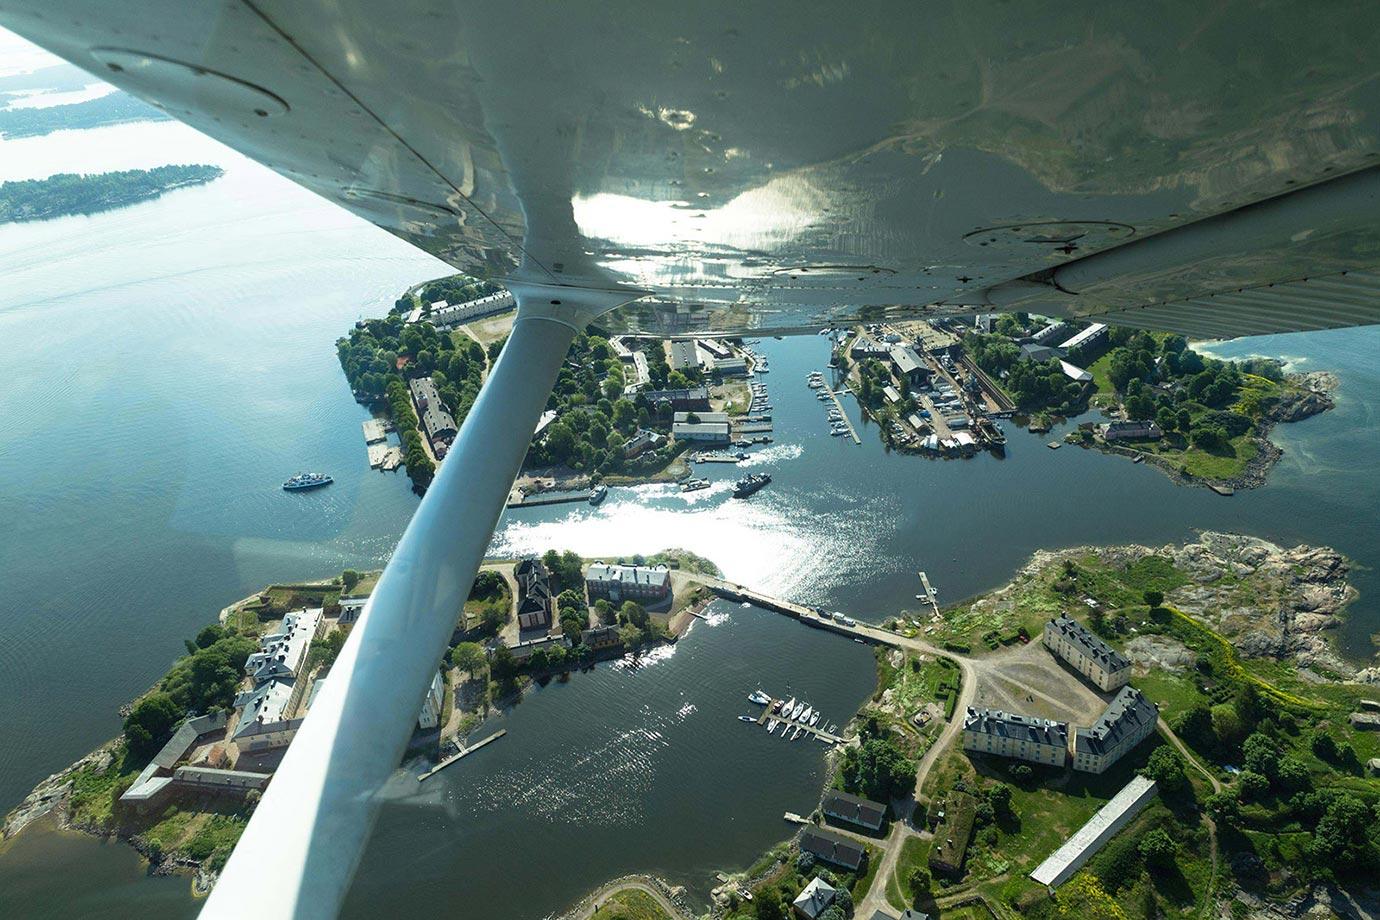 Flying over Helsinki, Finland